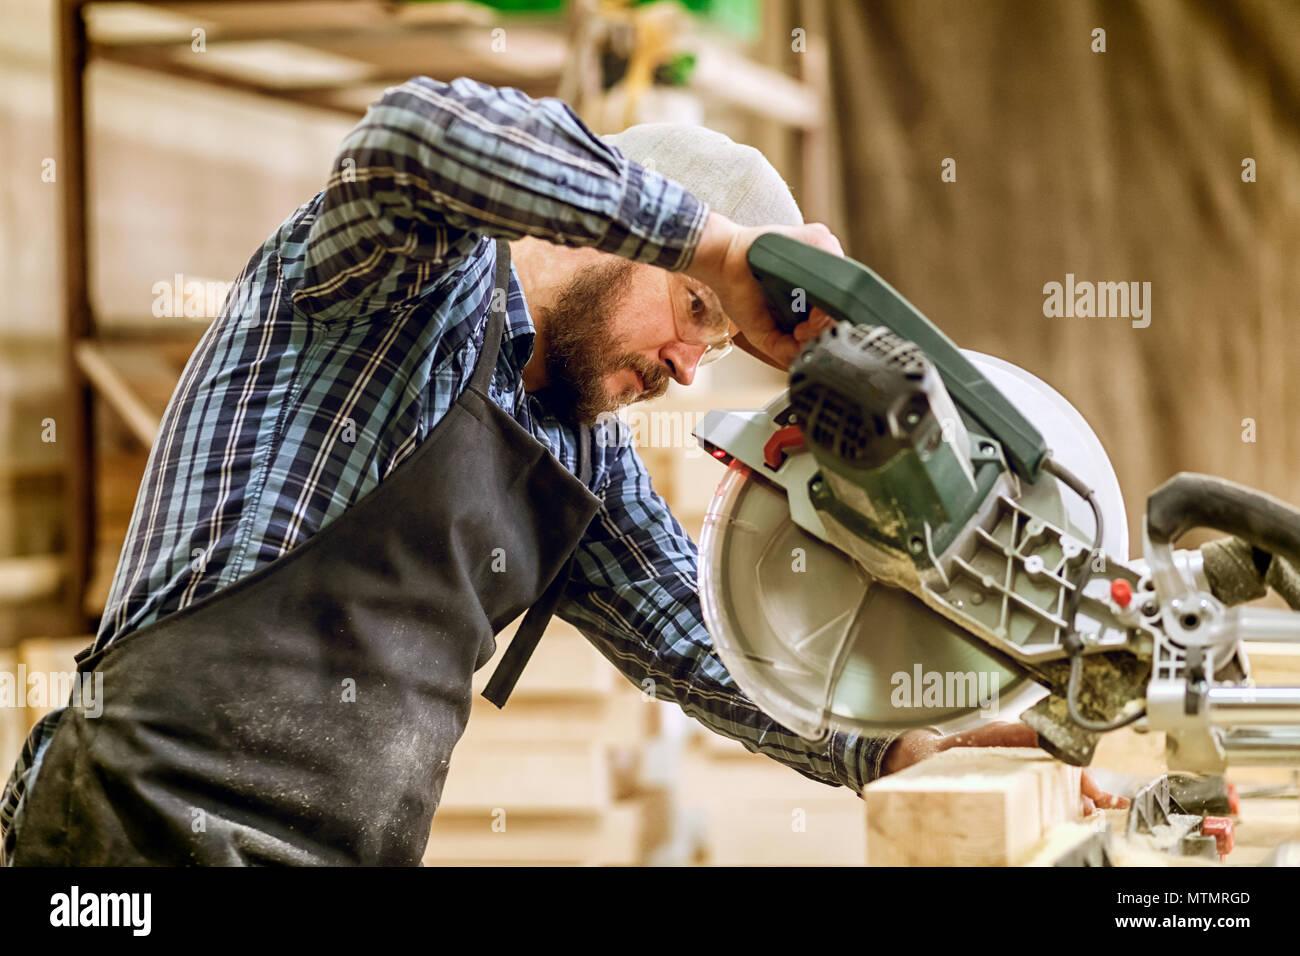 Carpenter lavorare con sega circolare per il taglio di pannelli, l'uomo sawed bar, costruzione e ristrutturazione di casa, riparazione e costruzione utensile Immagini Stock